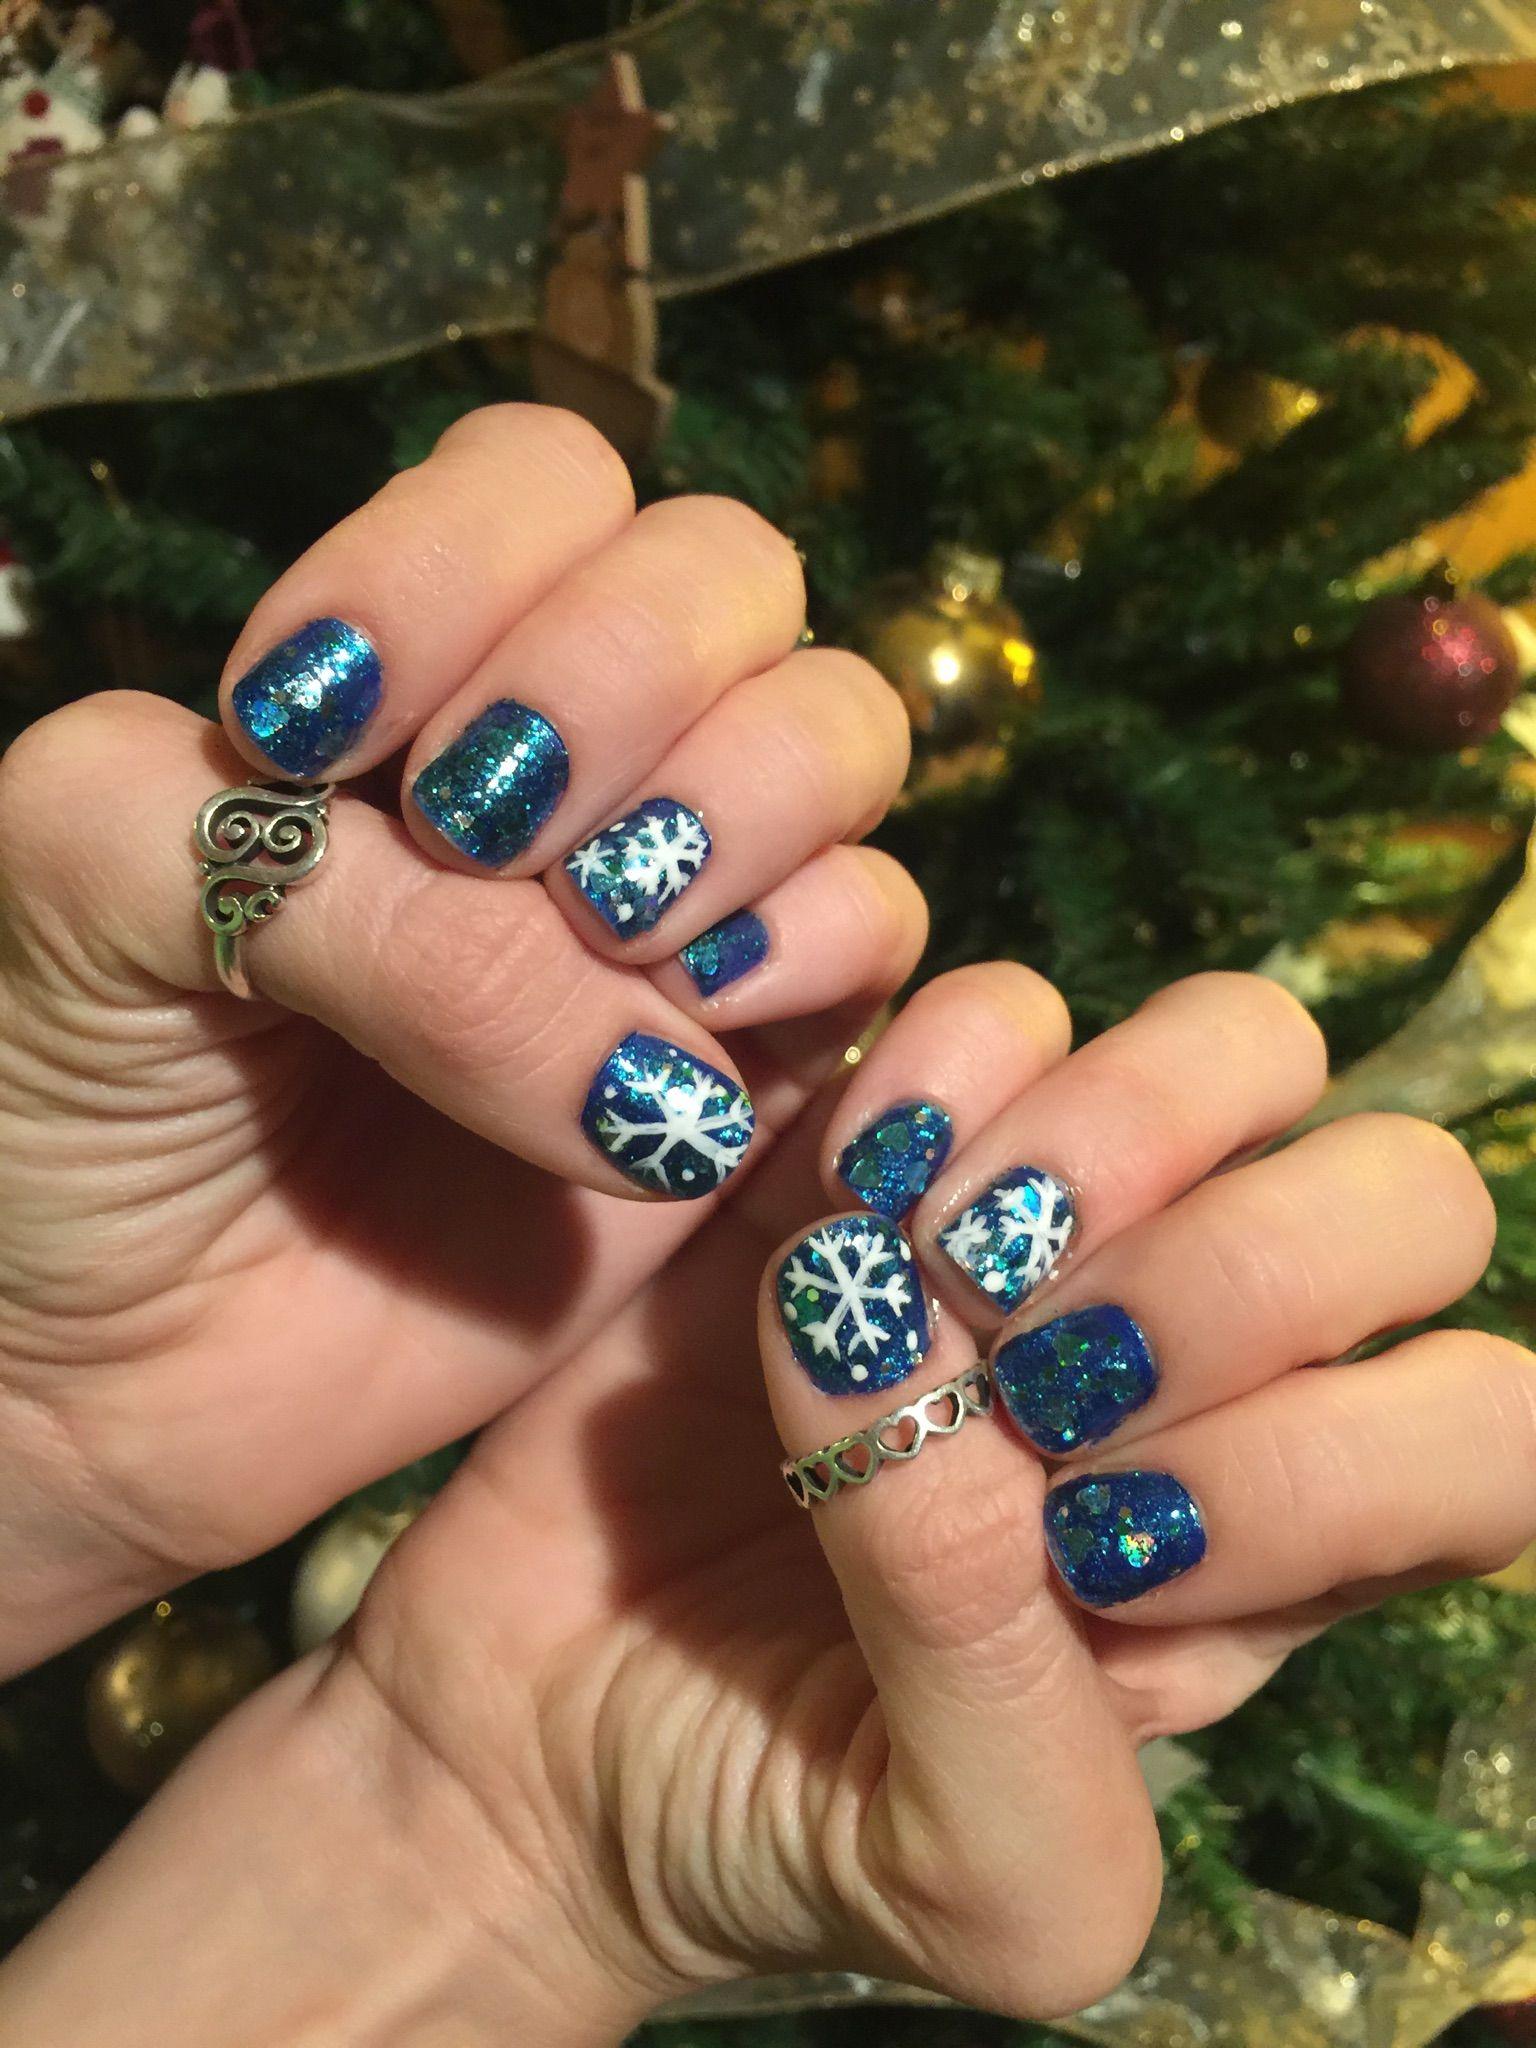 Nails by Ashlynn Zibby